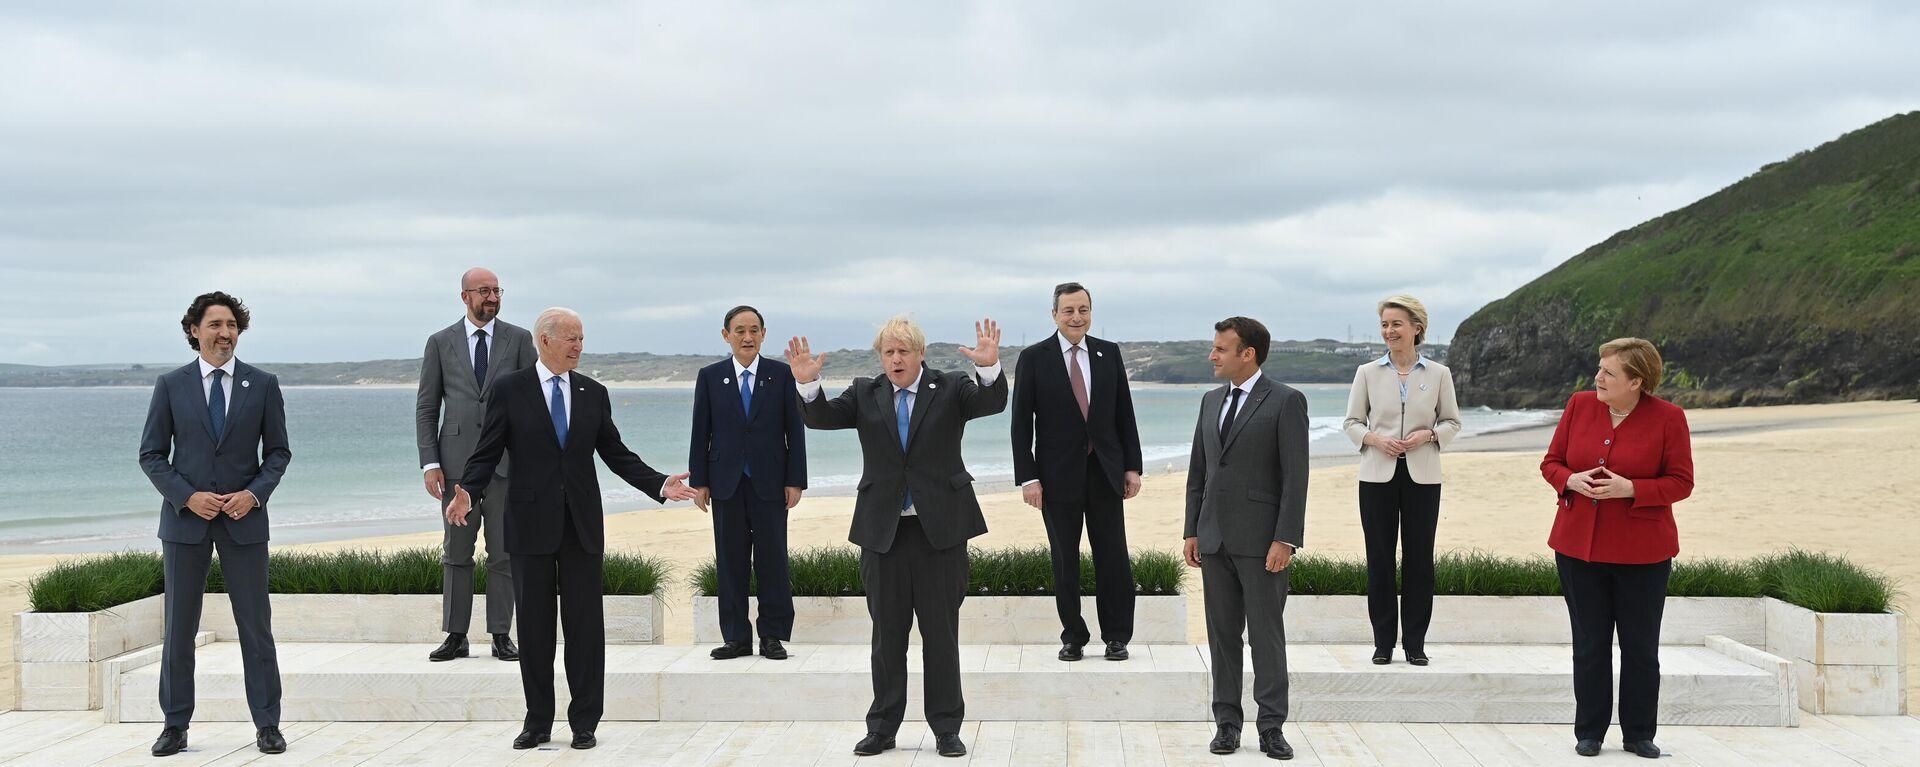 Foto di gruppo dei leader al G7  - Sputnik Italia, 1920, 13.06.2021